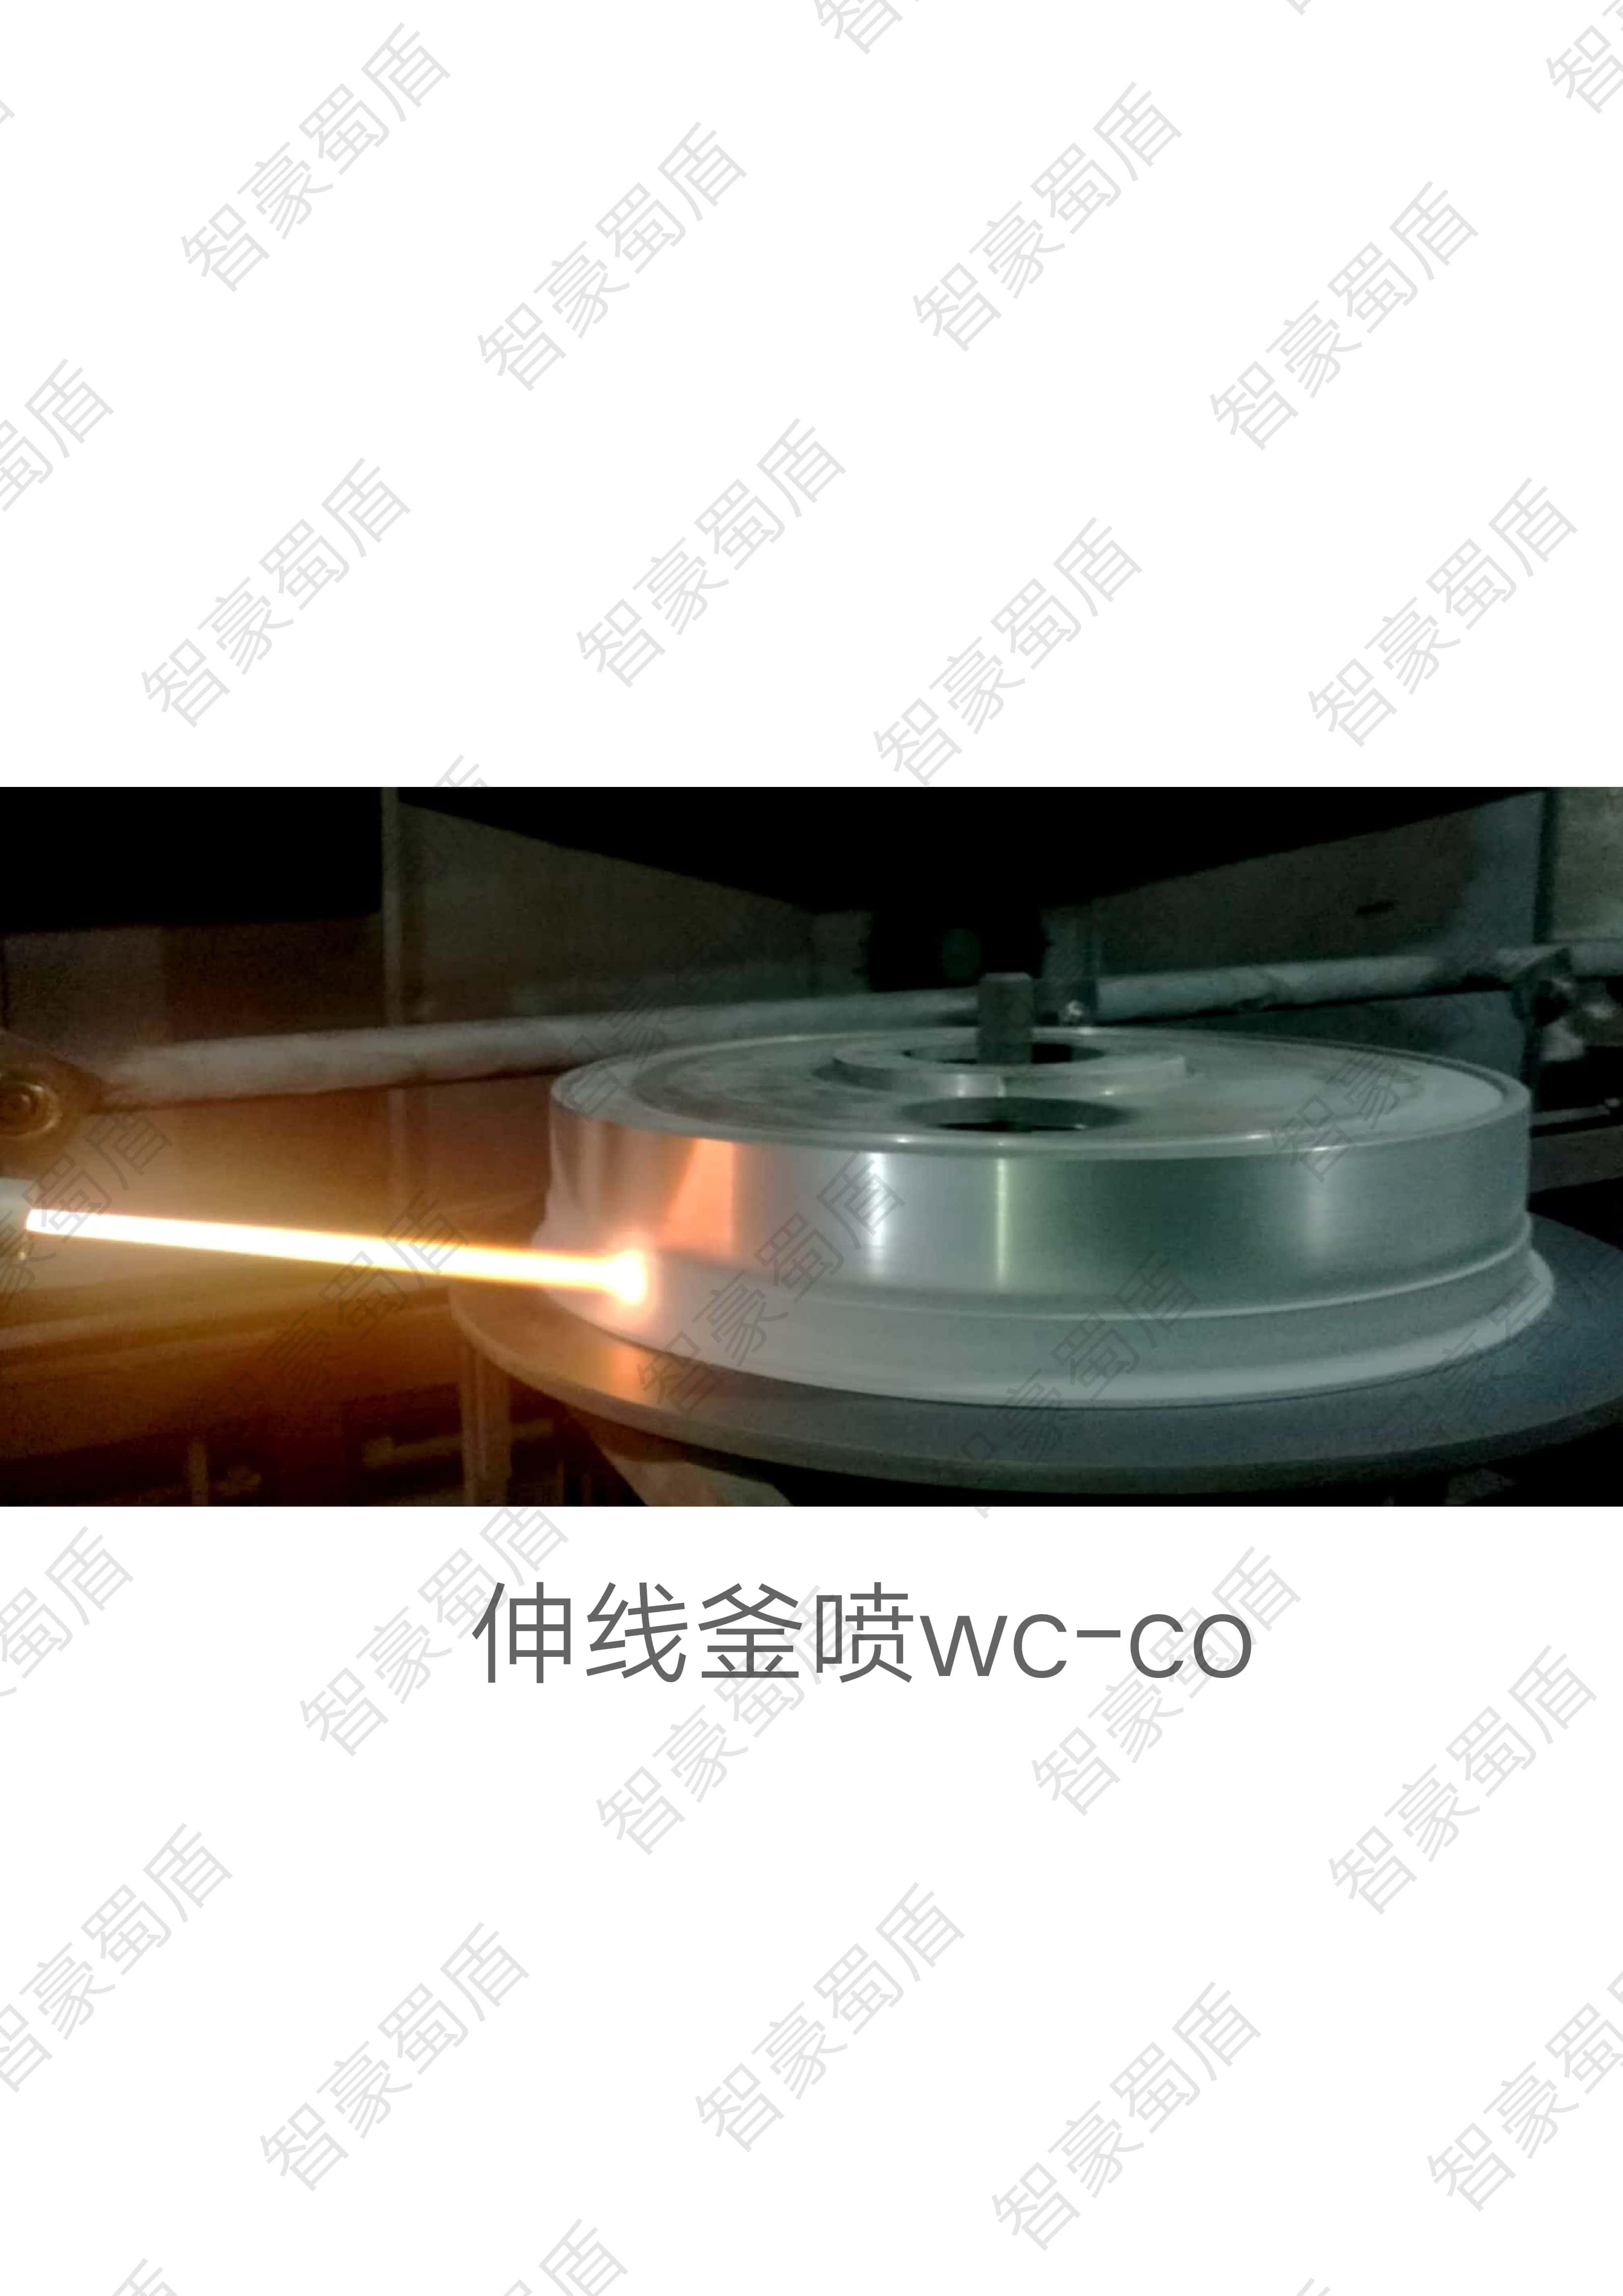 彭州周边碳化钨喷涂厂